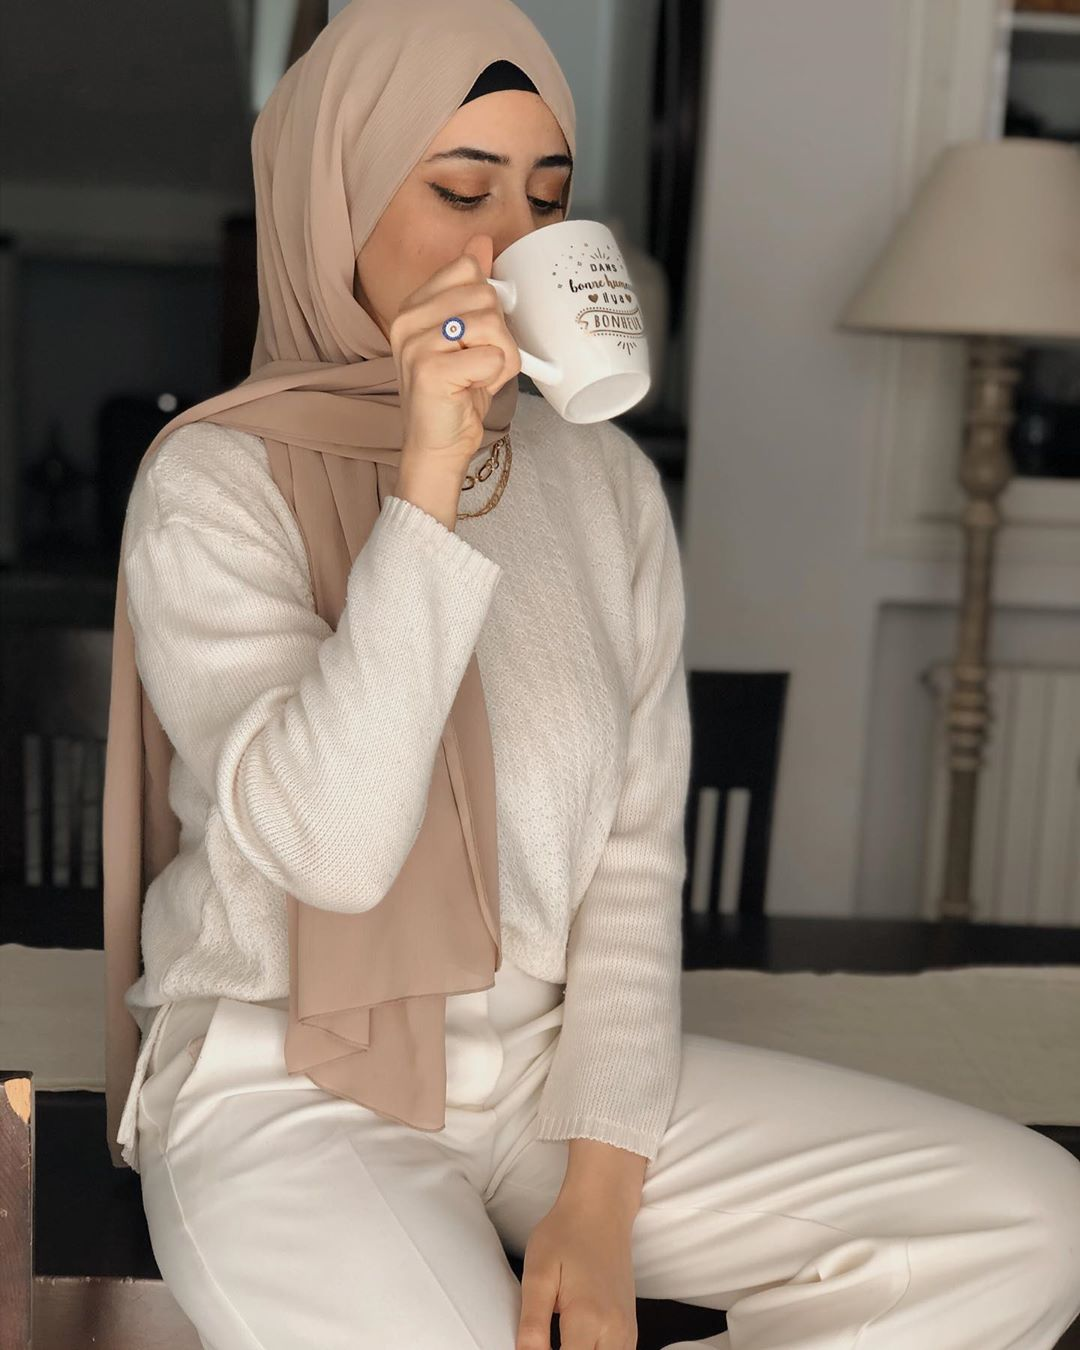 haifa.lazreg